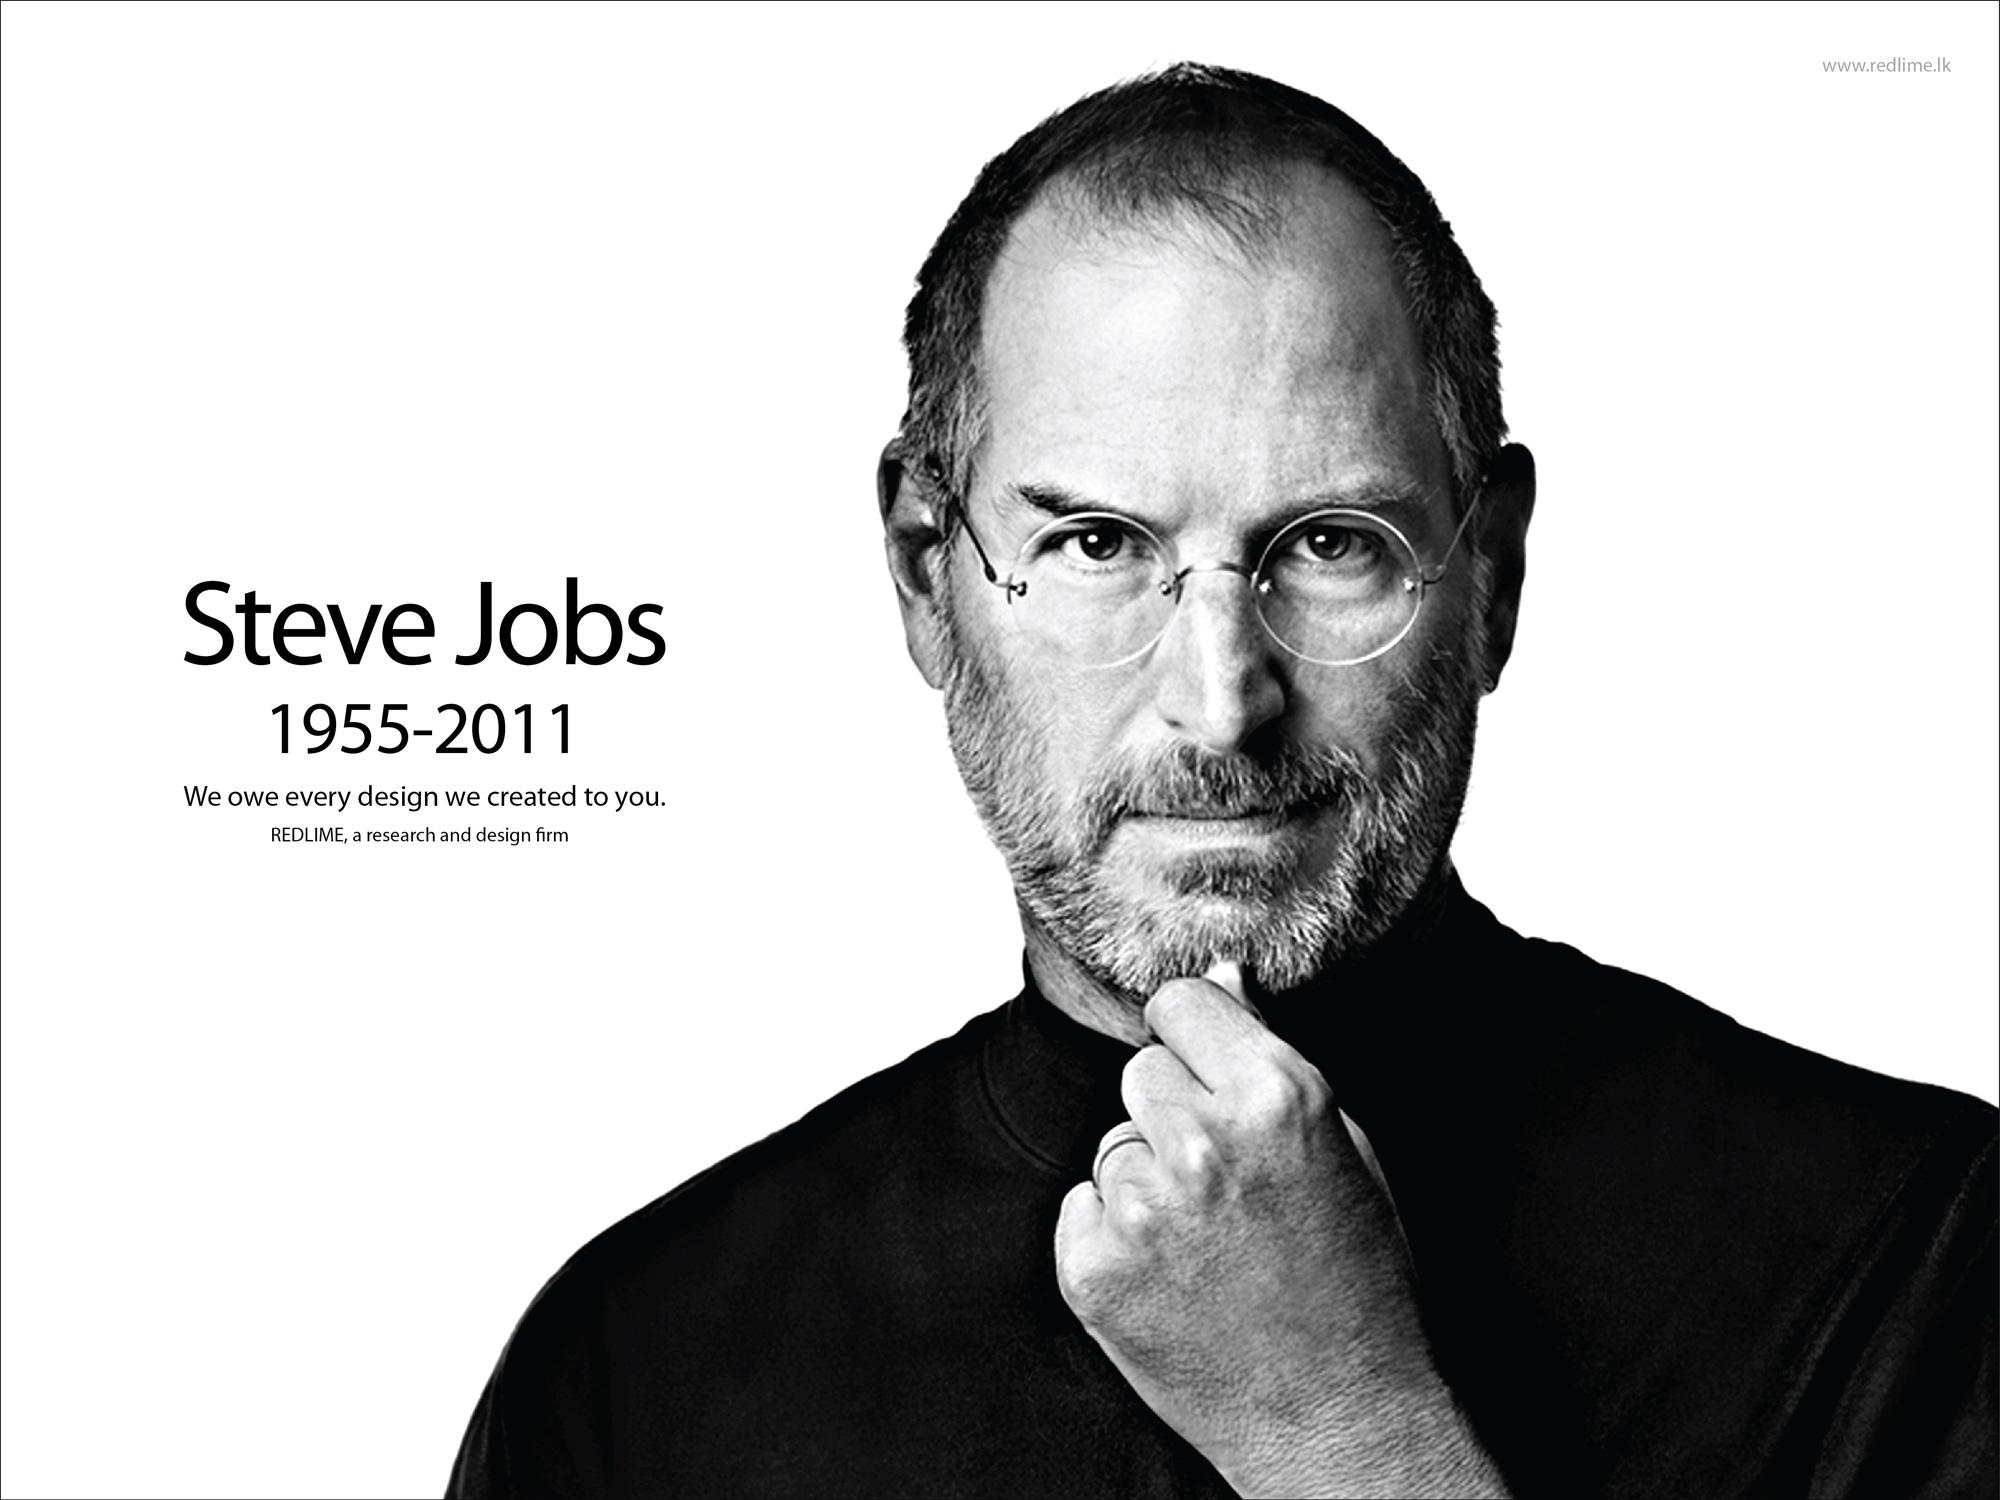 Druga rocznica śmierci Steva Jobsa - pamiętamy!